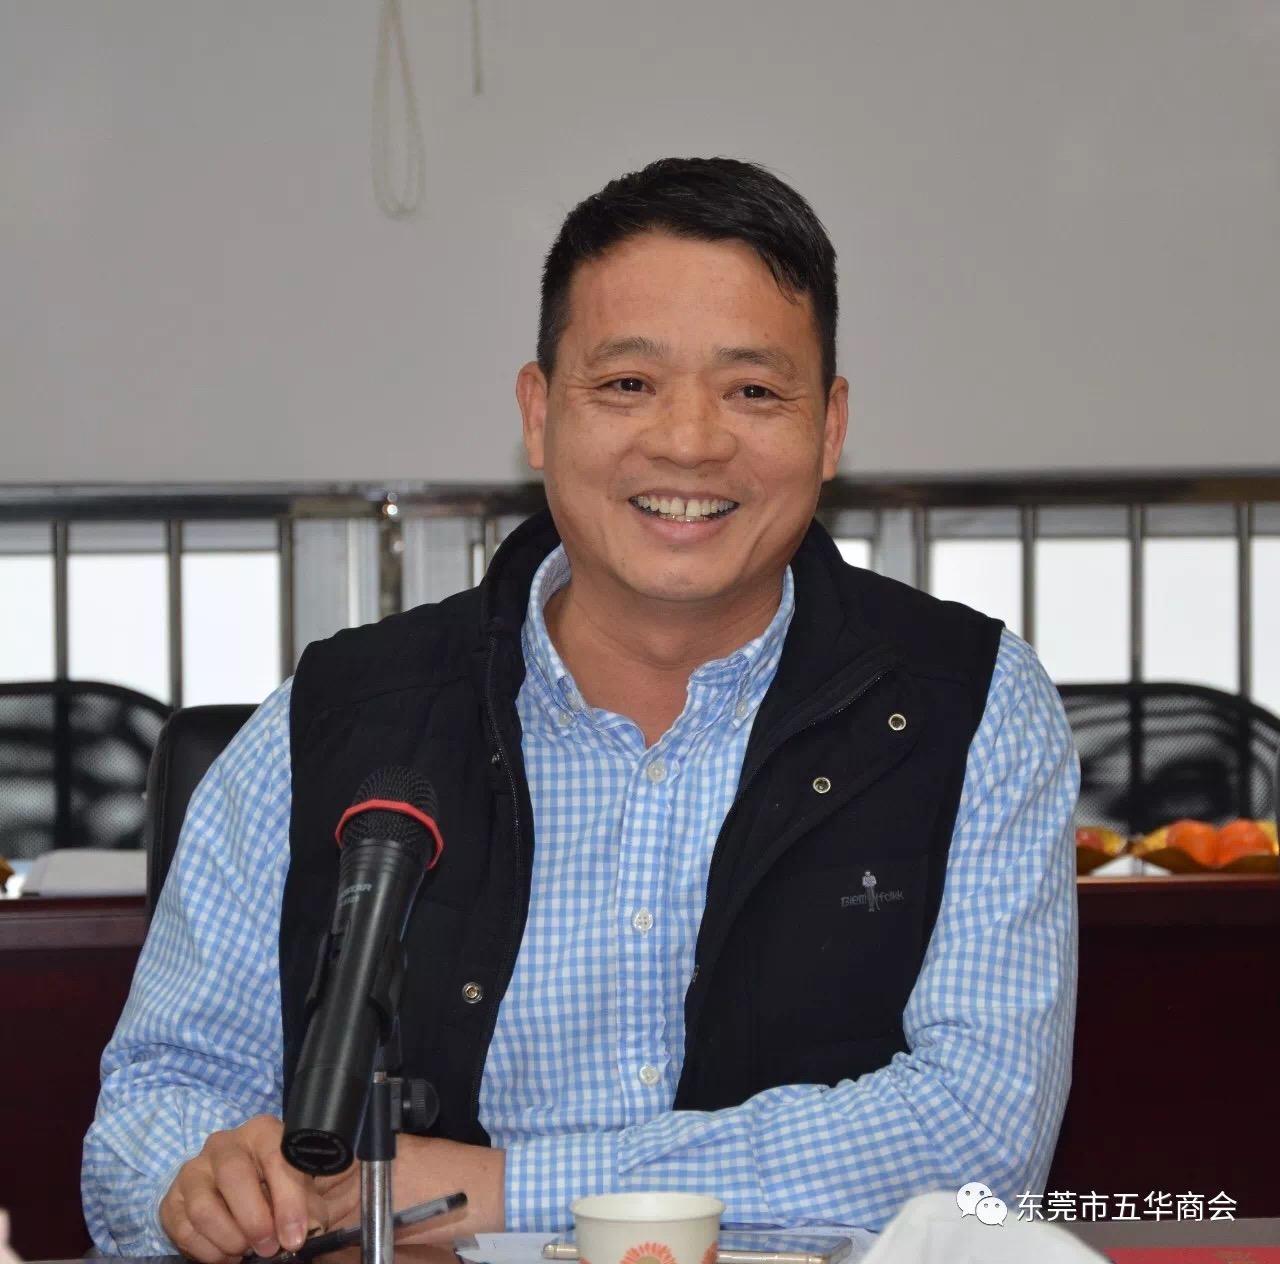 名誉会长陈远平